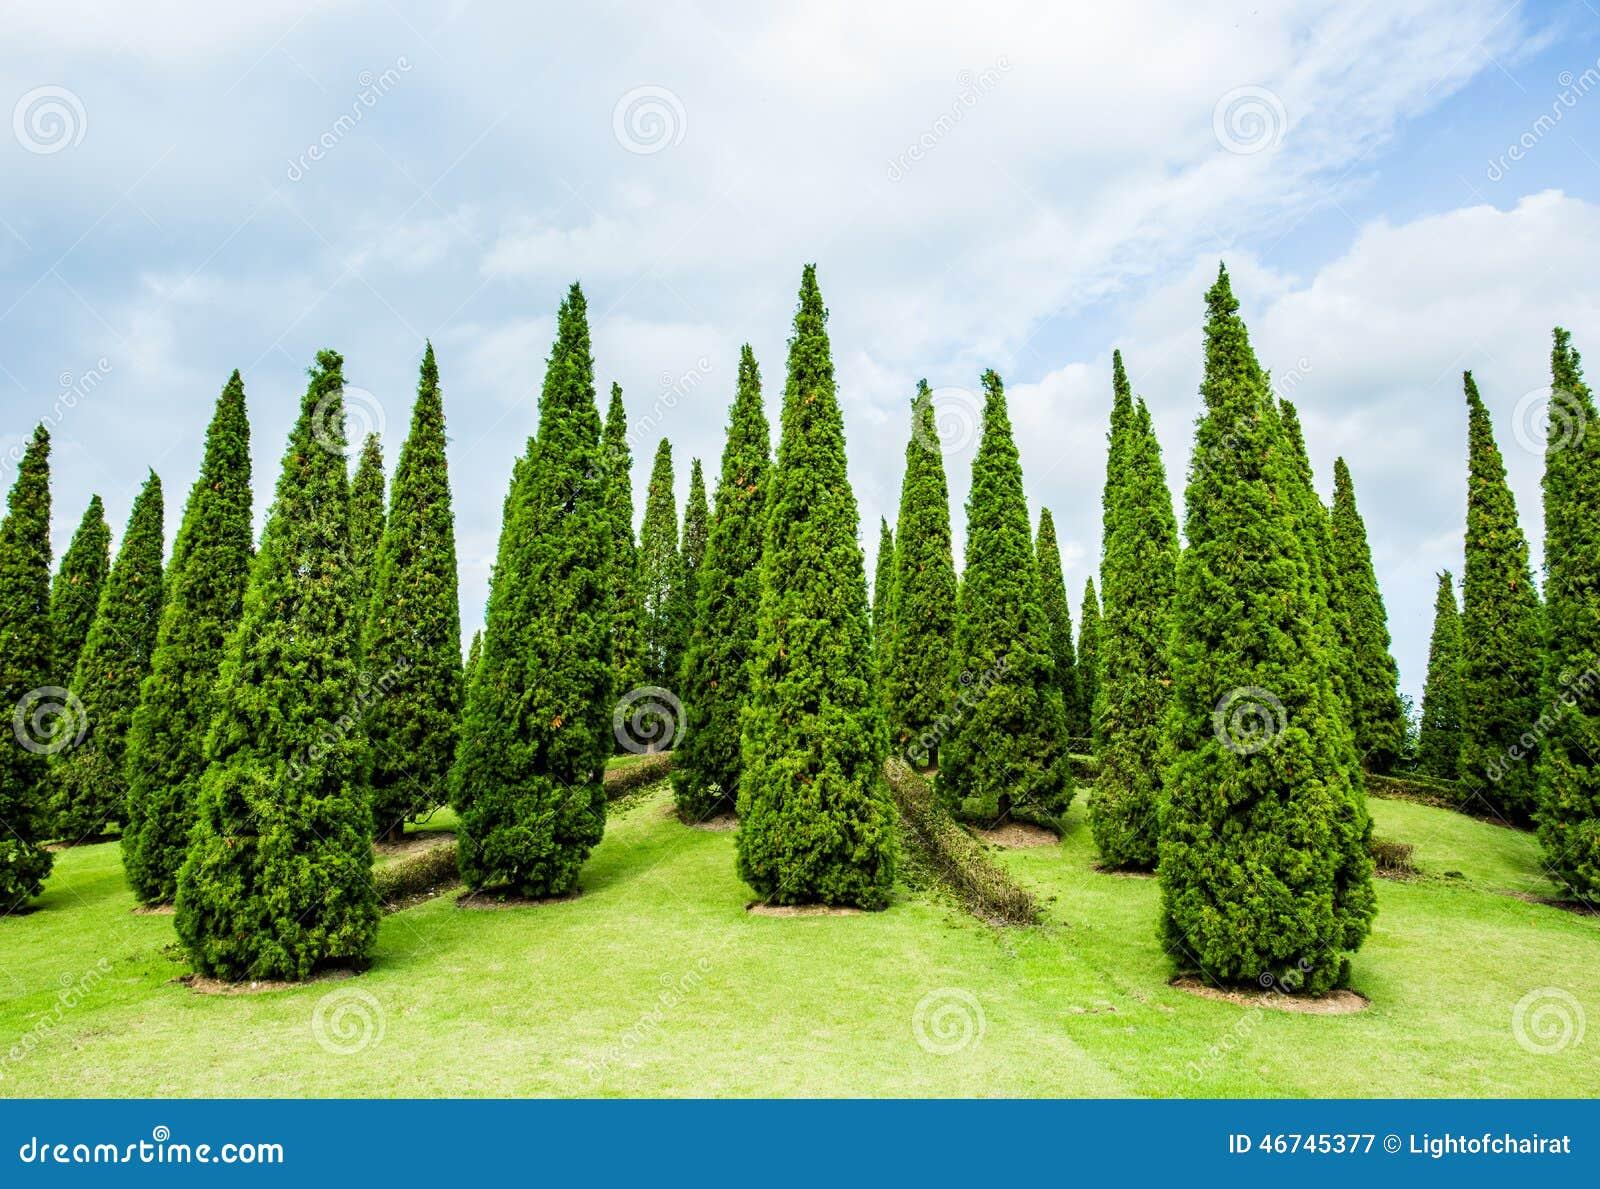 Rboles de pino en el chiangmai real tailandia del jard n for Tipos de pinos para jardin fotos